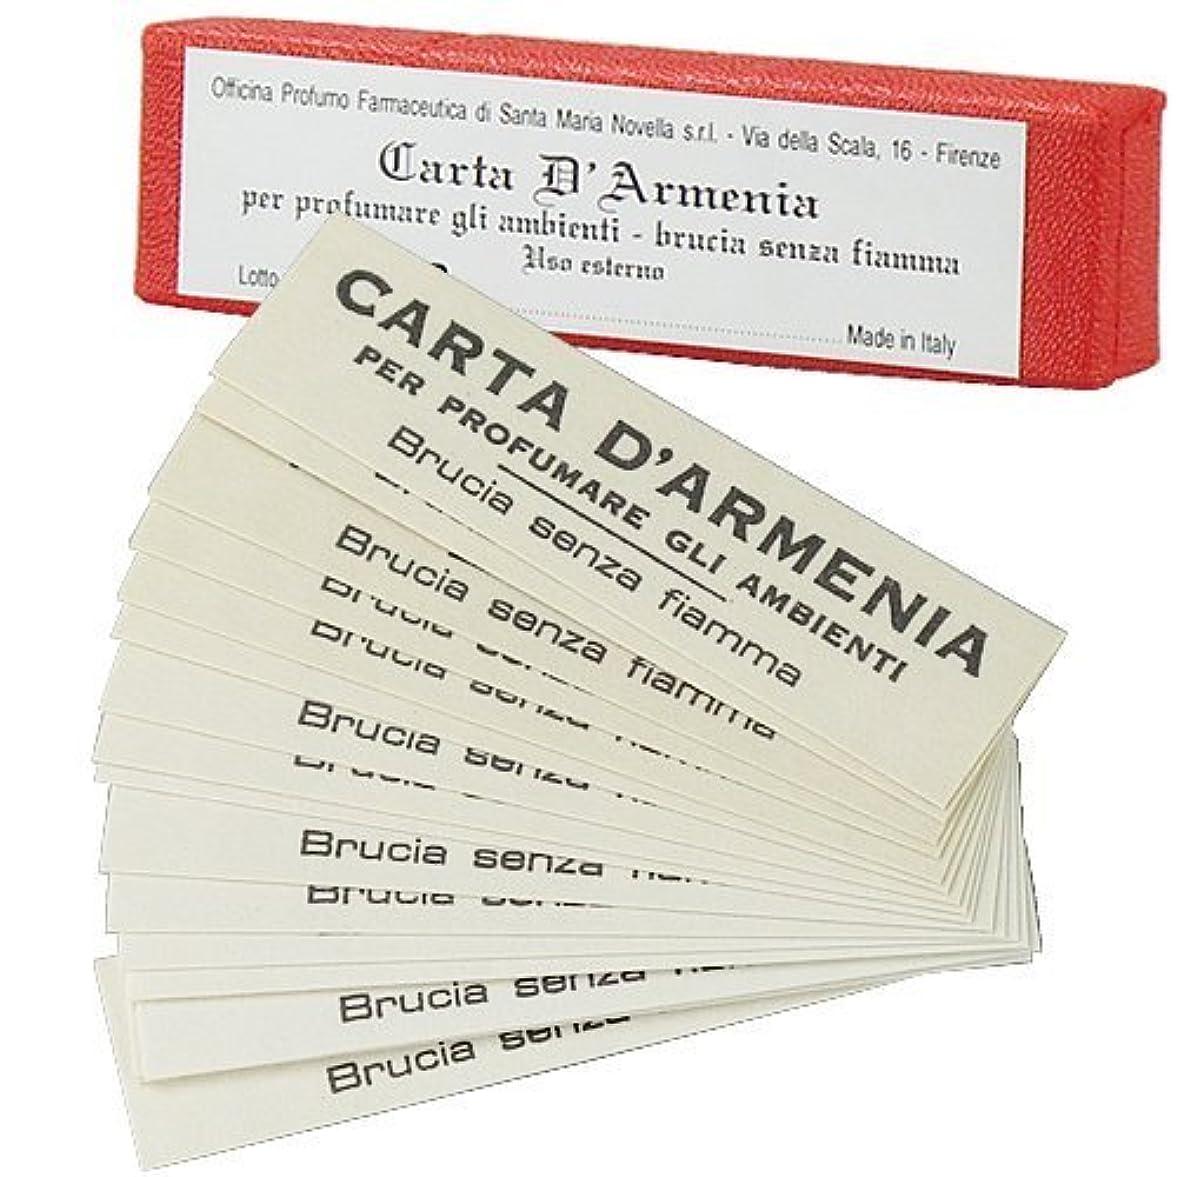 抑制キャリアスイッチサンタマリアノヴェッラ アルメニア紙(お香) [並行輸入品] 18枚入り